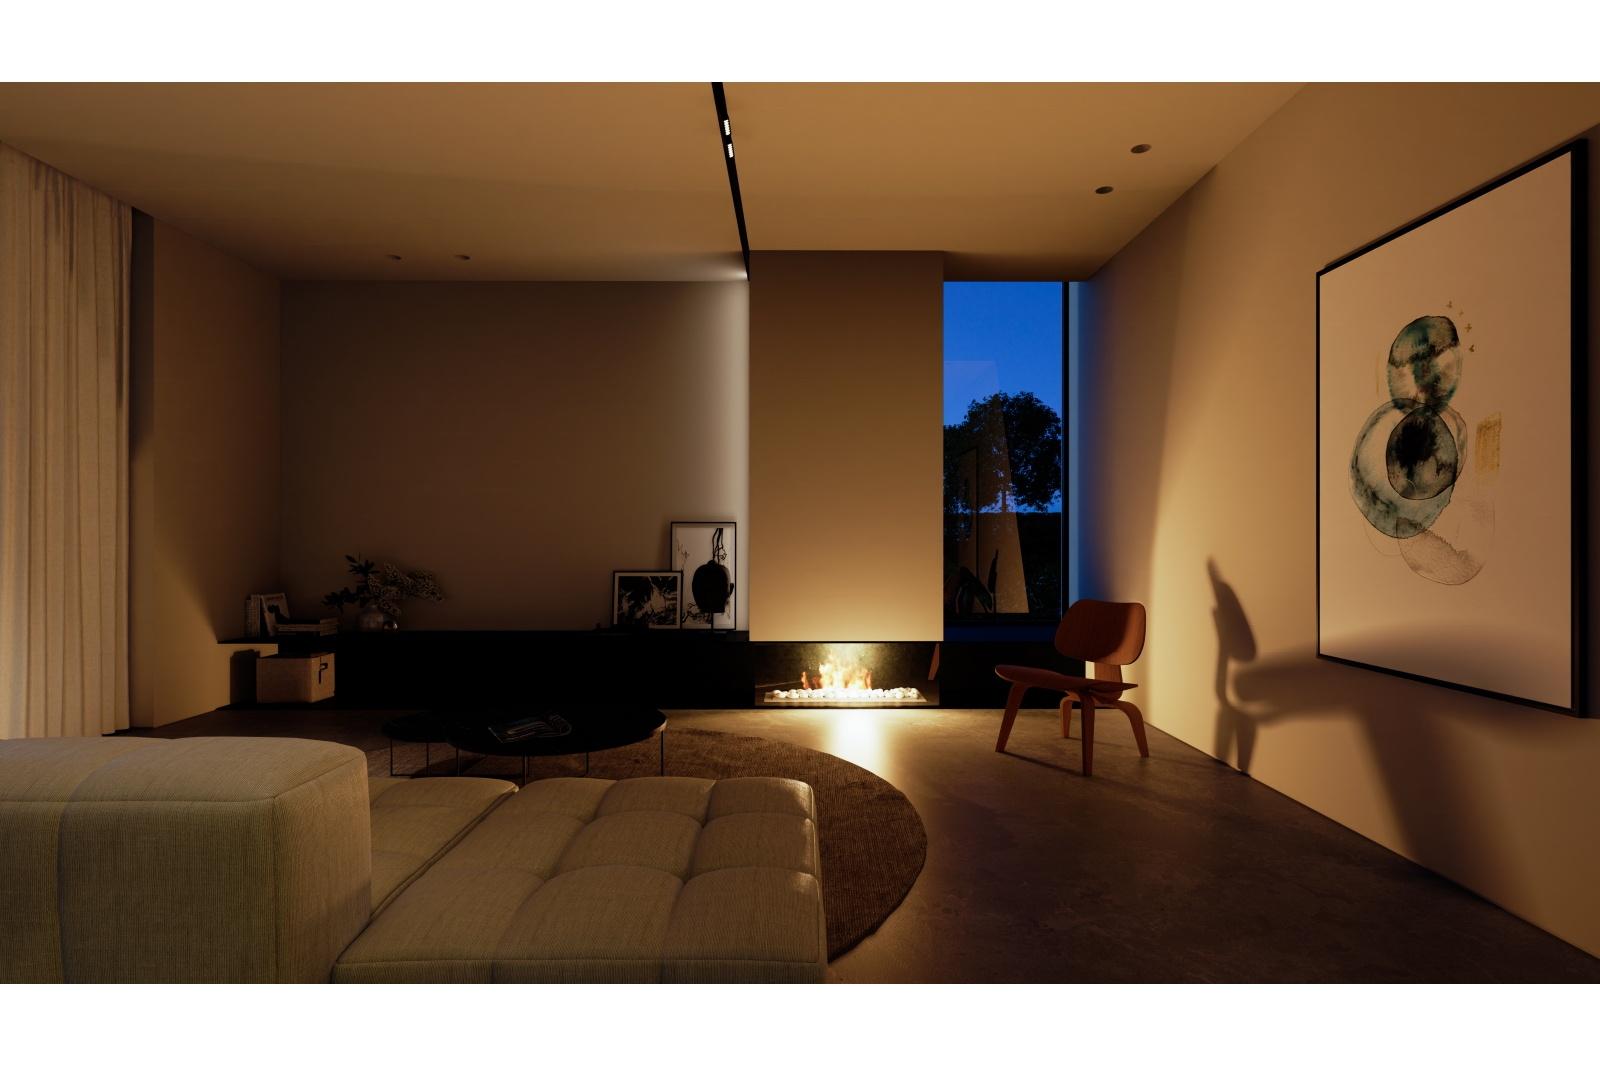 Woning DV interieur 3